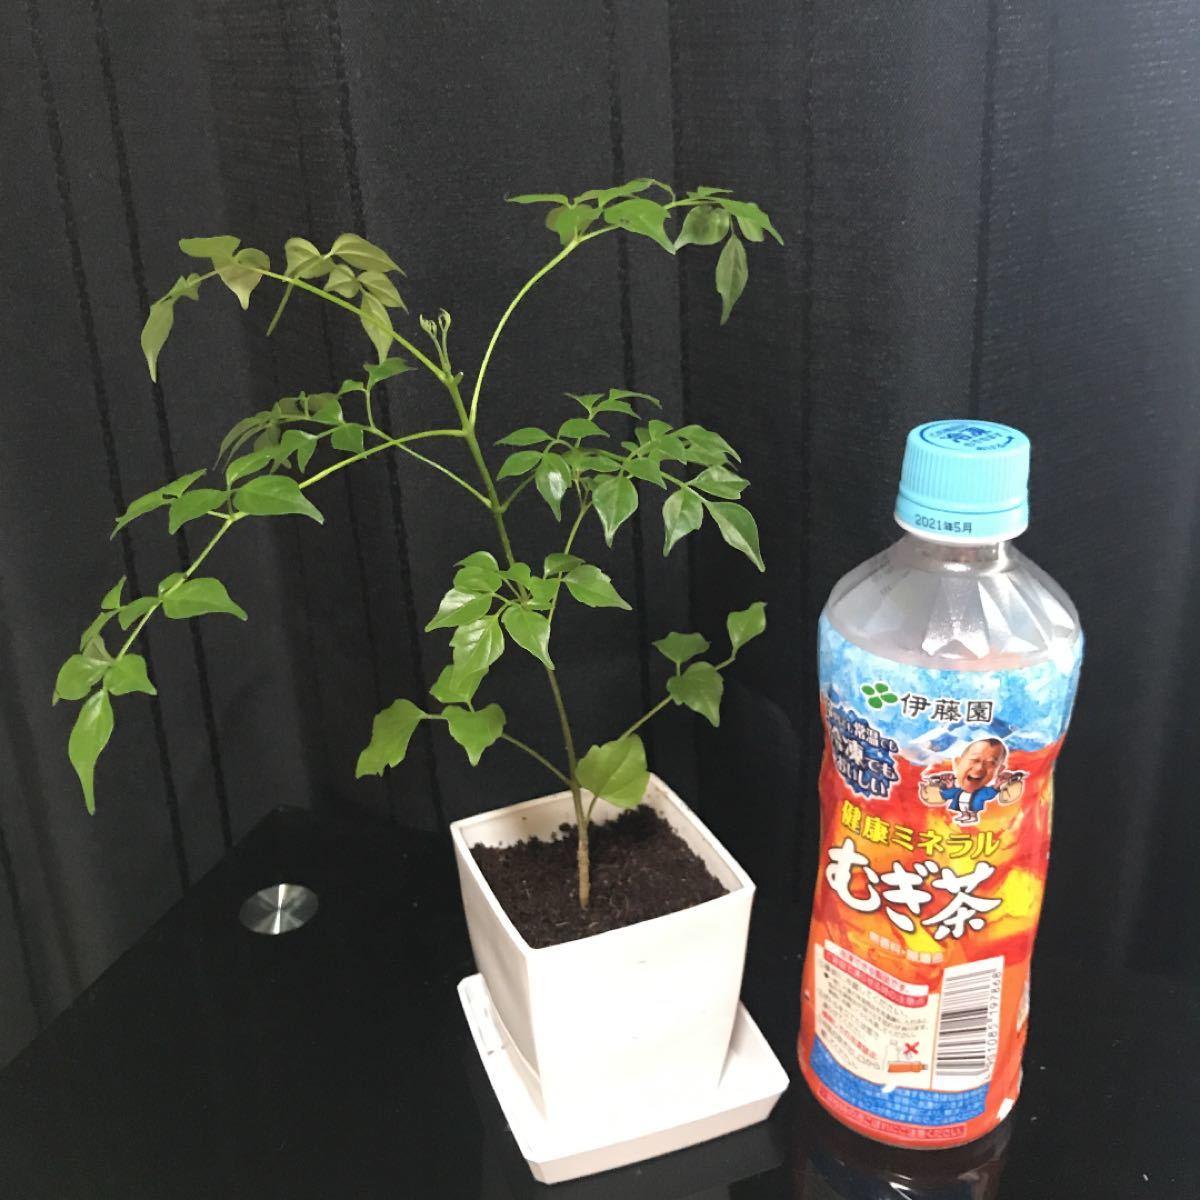 観葉植物 ステレオスペルマム 抜き苗